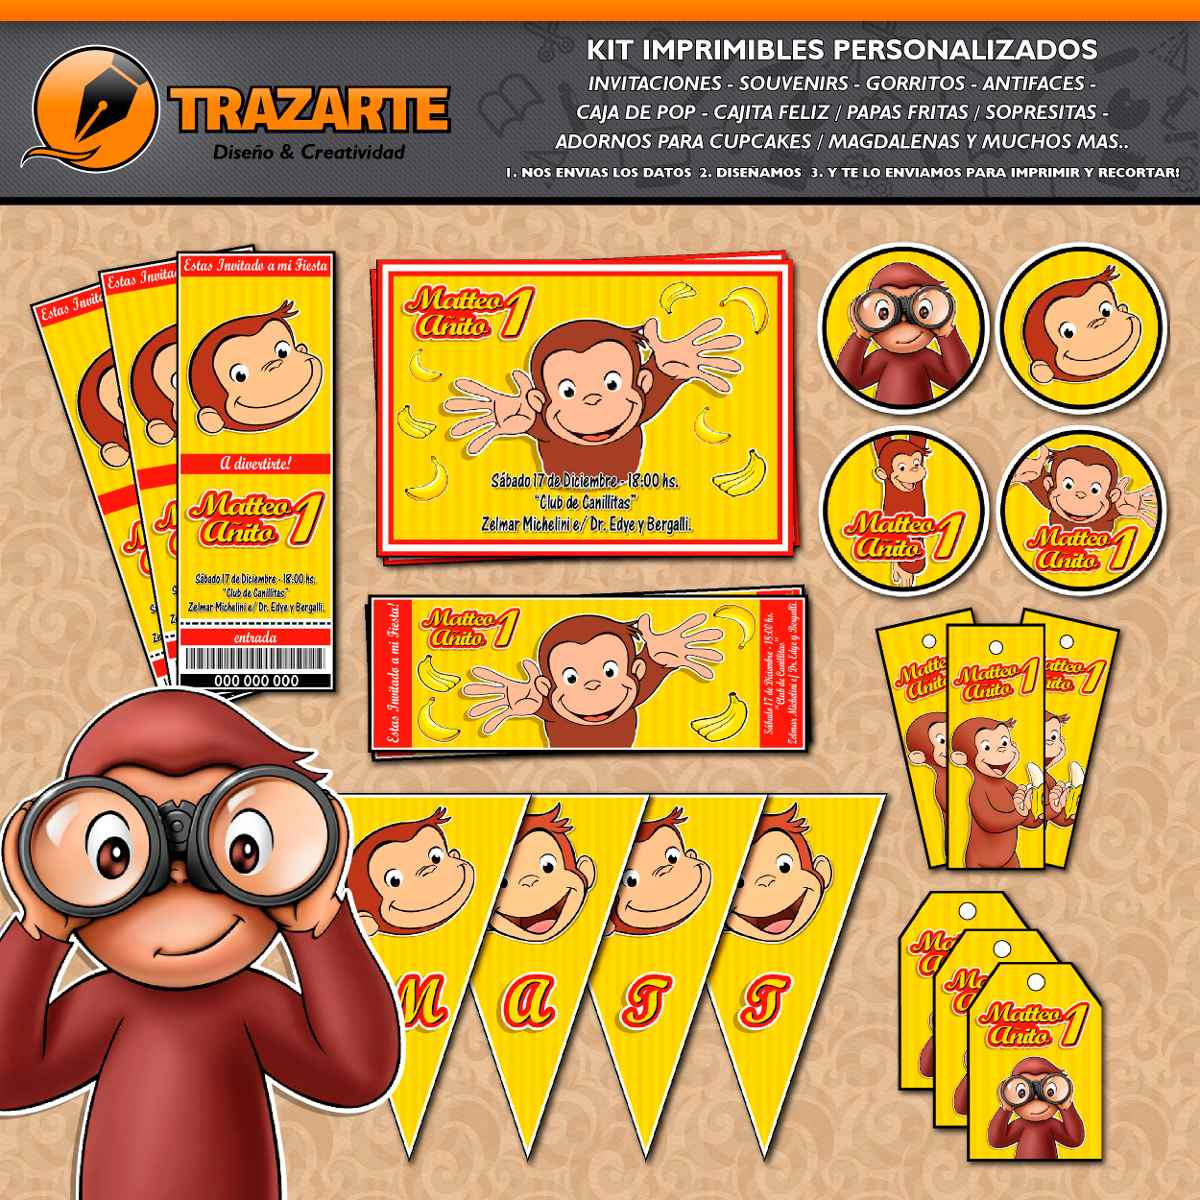 Kit Imprimible Jorge El Curioso Monito Personalizado Candy - $ 500 ...